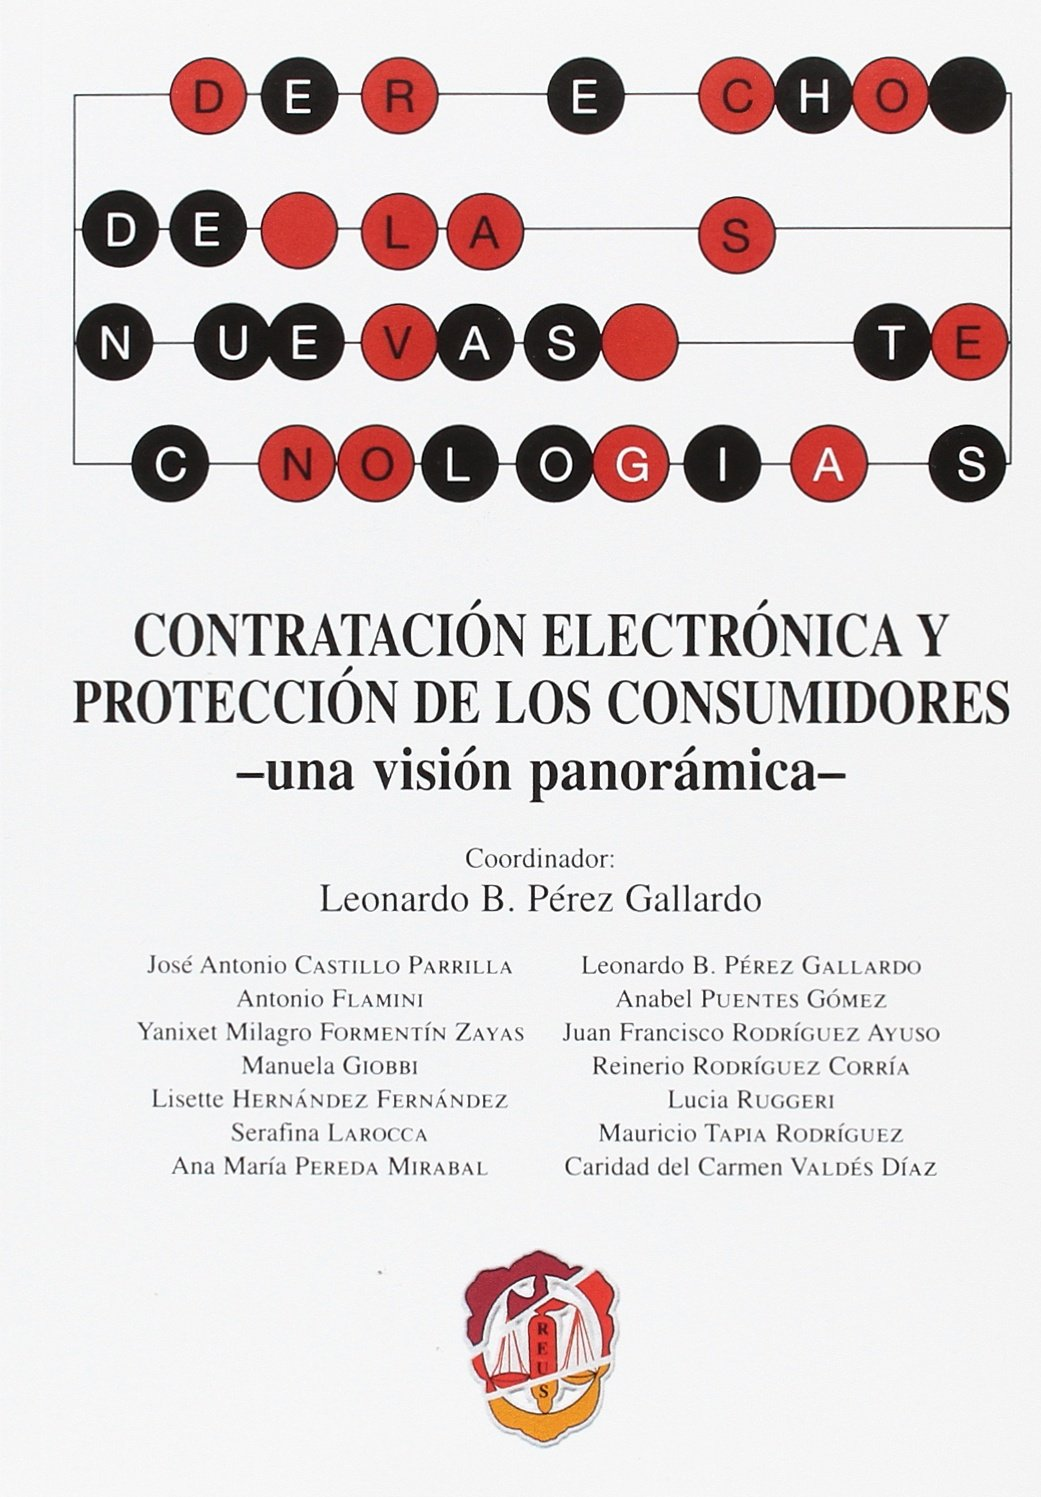 Contratación electrónica y protección de los consumidores ...